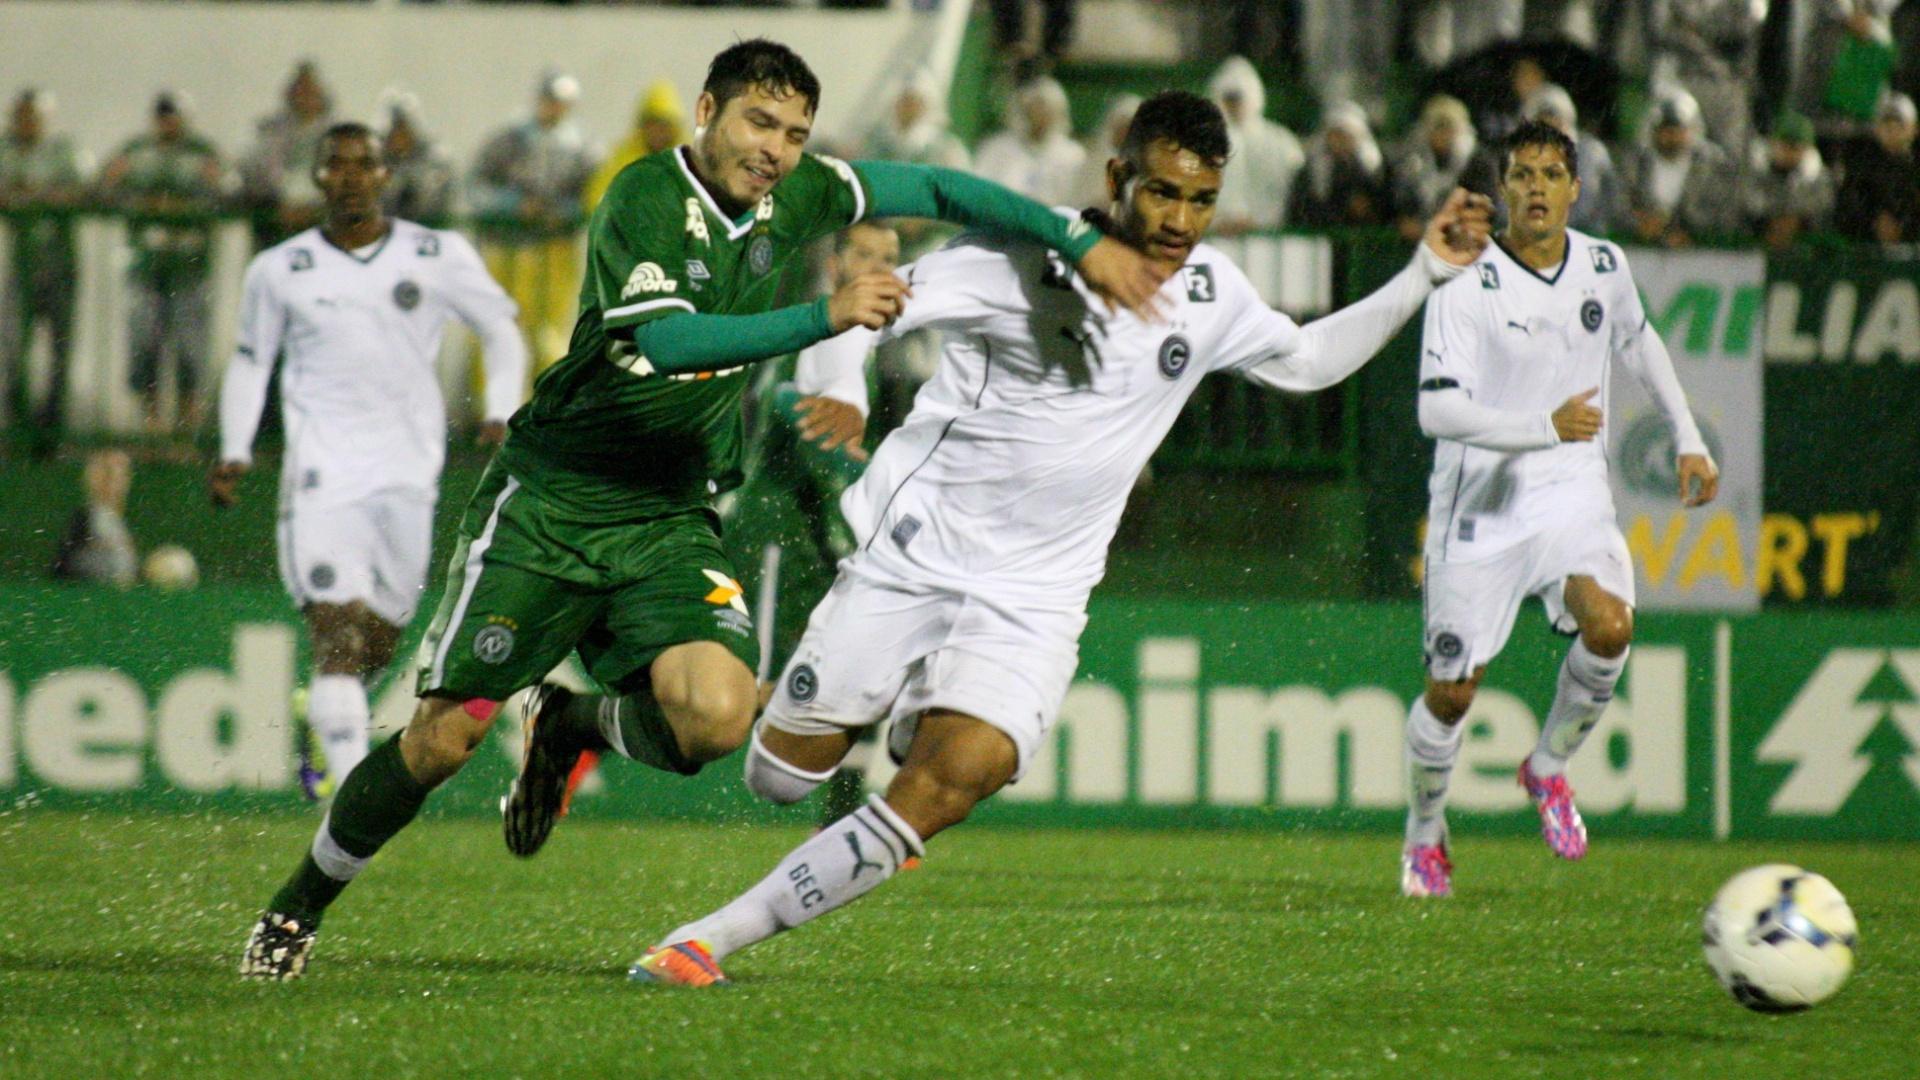 Zezinho e Jackson disputam bola na partida entre Goiás e Chapecoense, pelo Campeonato Brasileiro